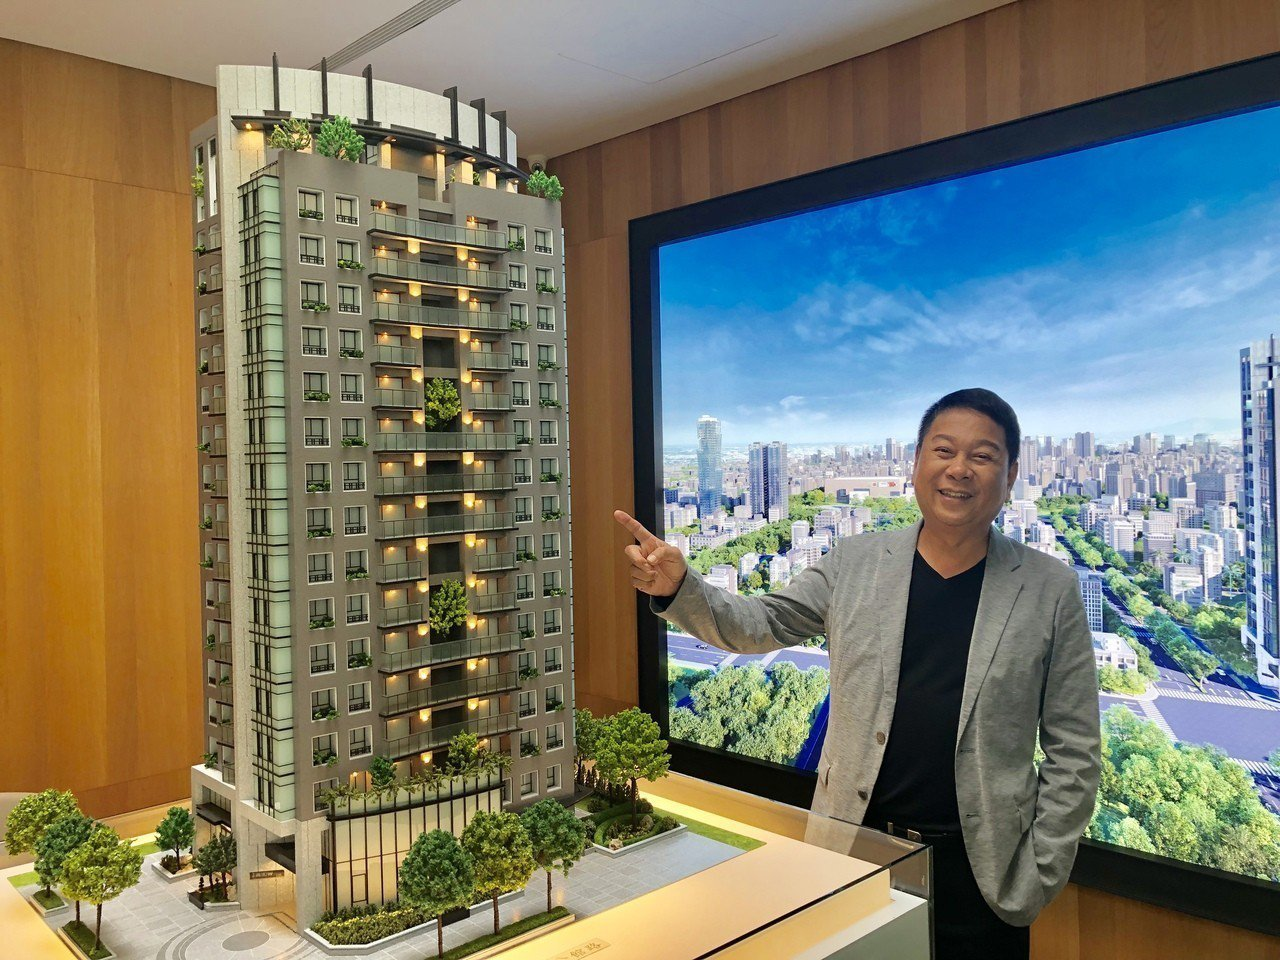 博星建設總經理陳慶璋,取得五權路、五權五街口黃金角地,創造棟距開闊的地標級住宅大...